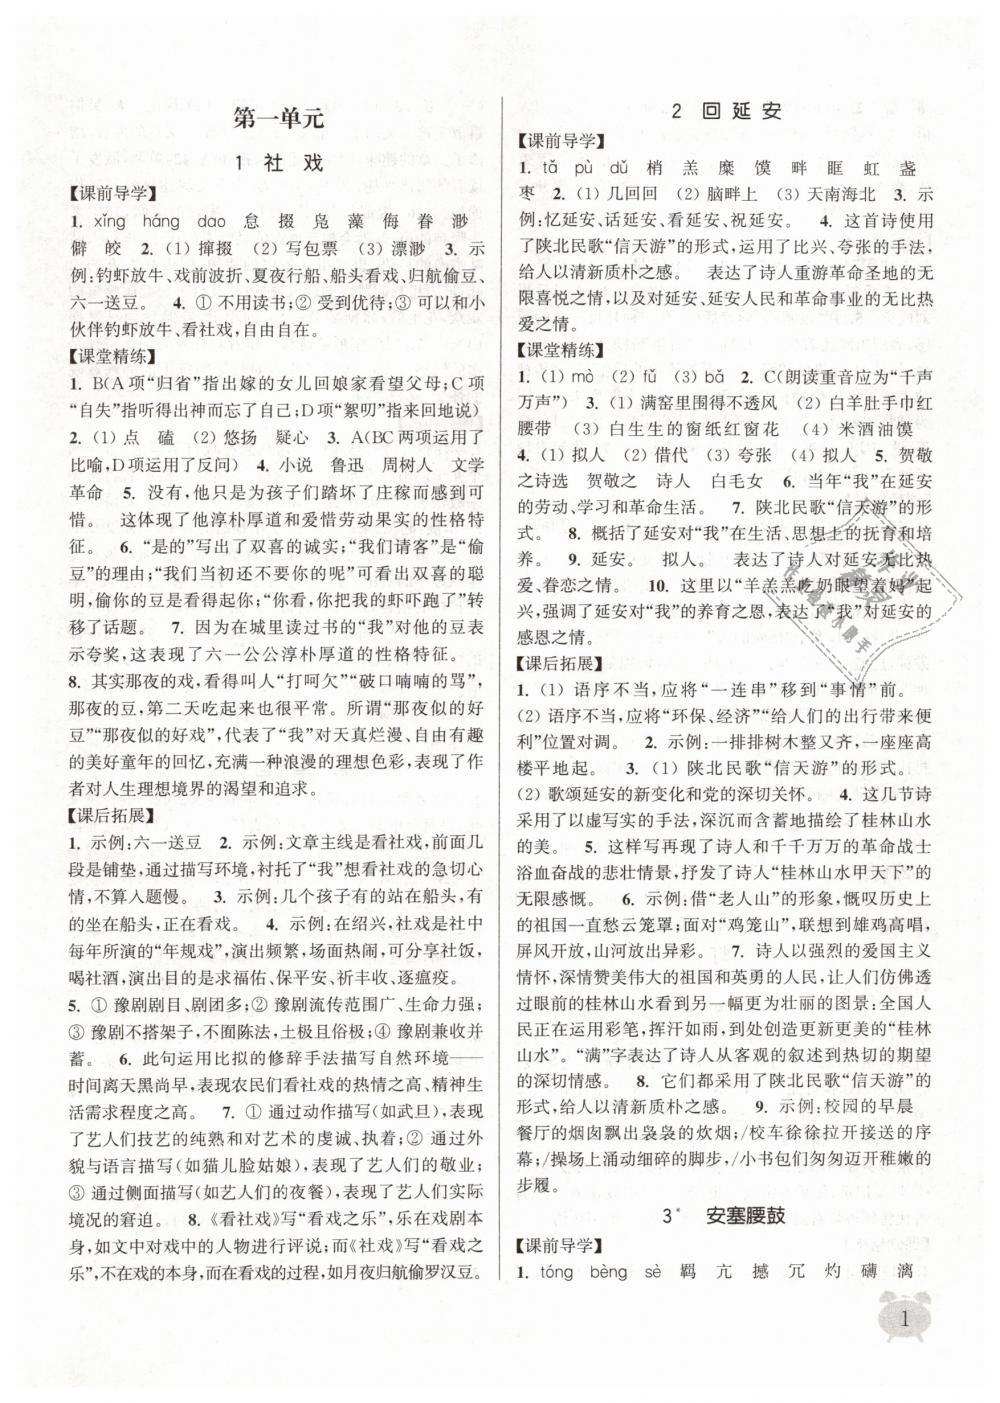 2019年通城学典课时作业本八年级语文下册人教版第1页